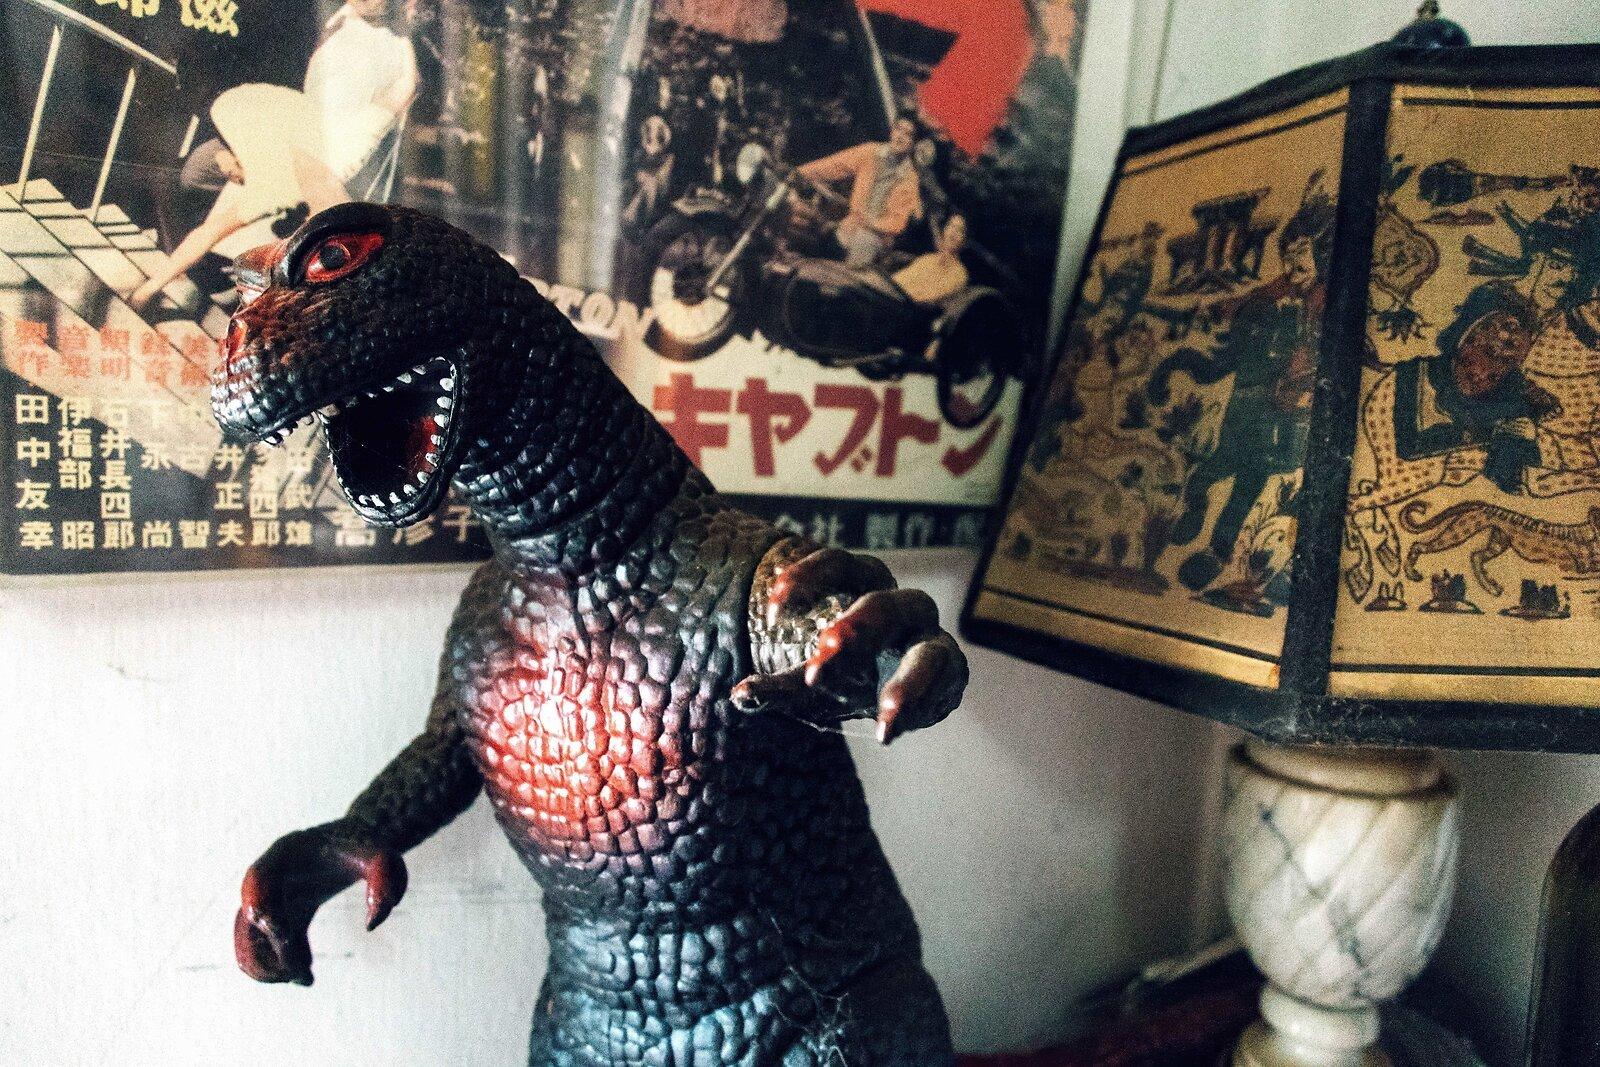 G1x_Nov19_Godzilla_morning.jpg